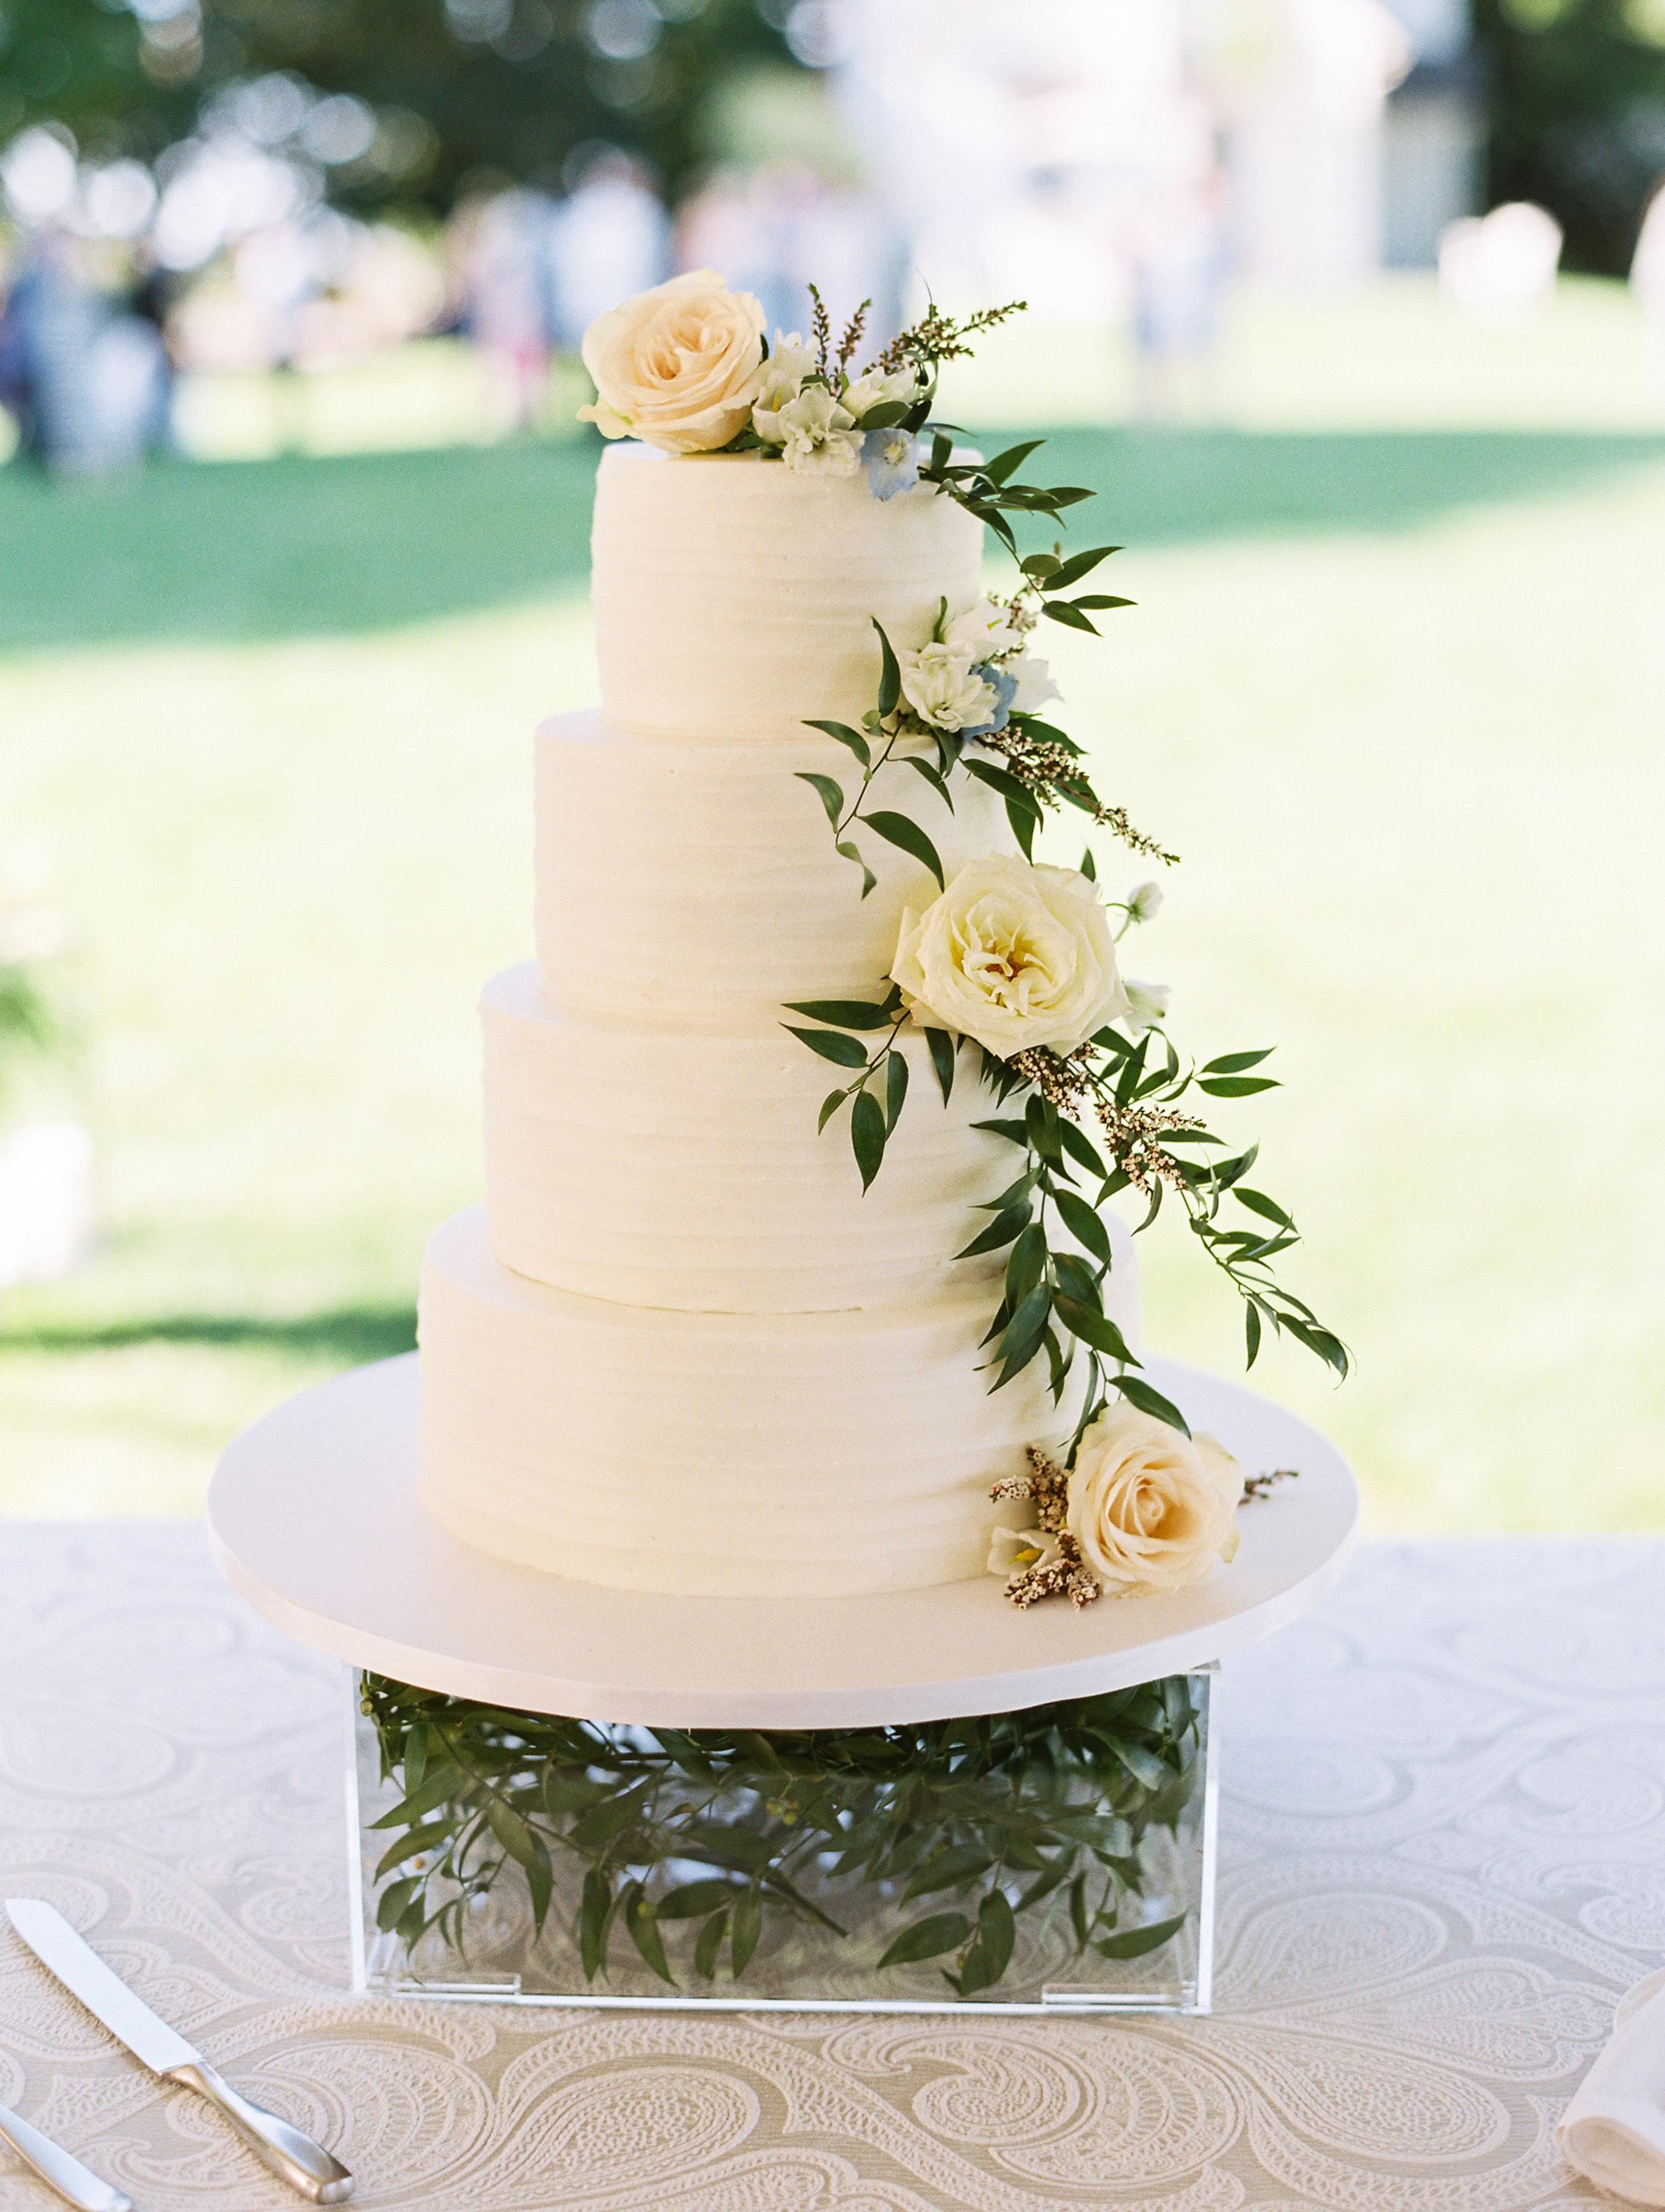 Steinlage+Wedding+Reception+Details-131.jpg